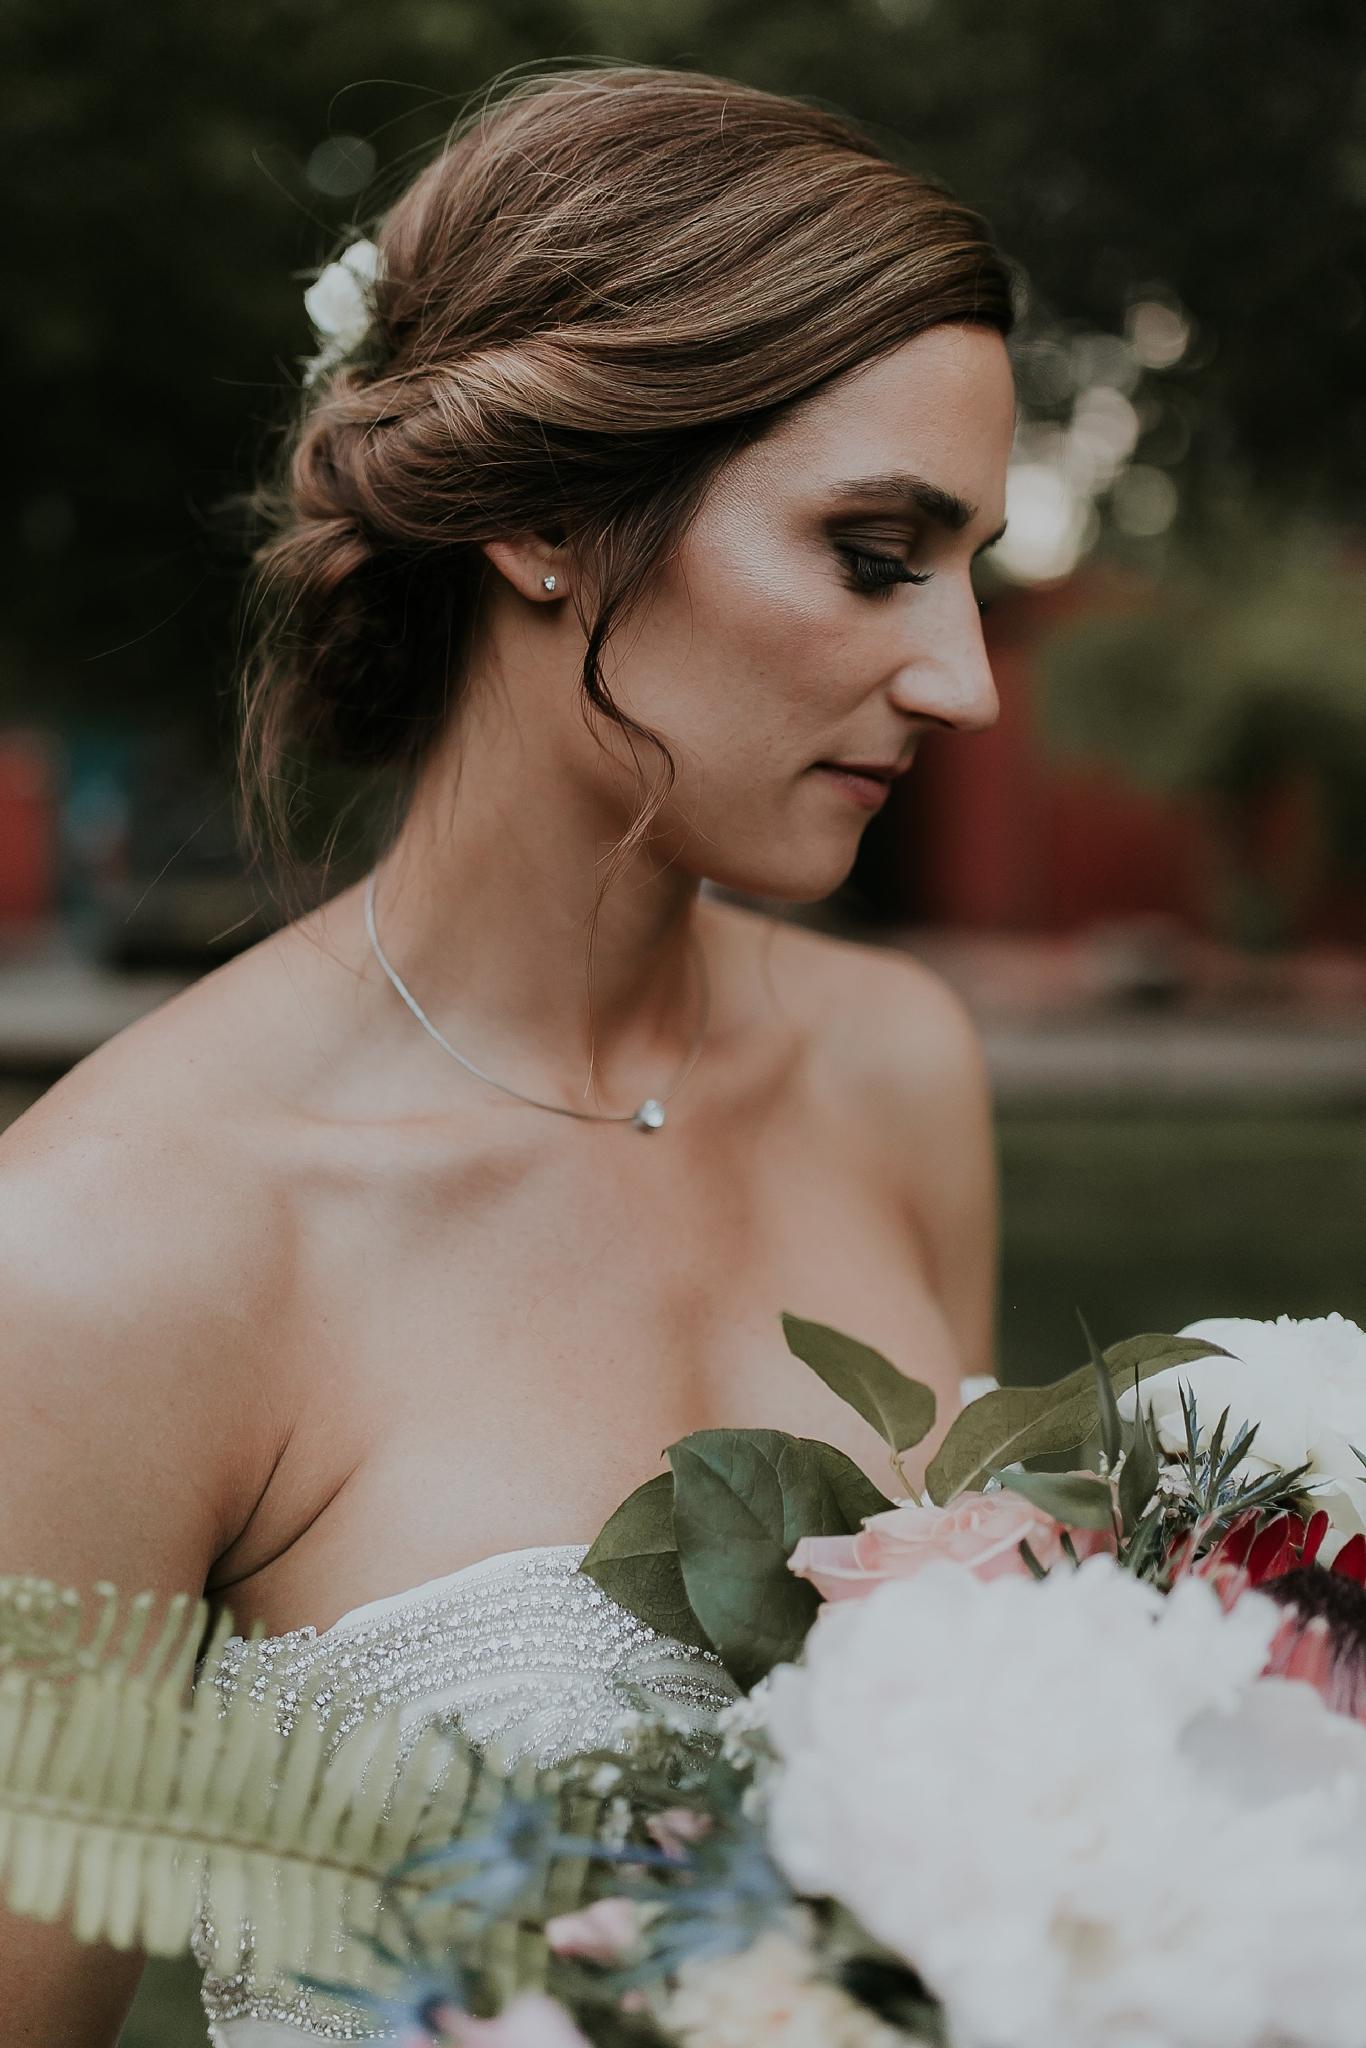 Alicia+lucia+photography+-+albuquerque+wedding+photographer+-+santa+fe+wedding+photography+-+new+mexico+wedding+photographer+-+new+mexico+wedding+-+wedding+makeup+-+makeup+artist+-+wedding+makeup+artist+-+bridal+makeup_0073.jpg